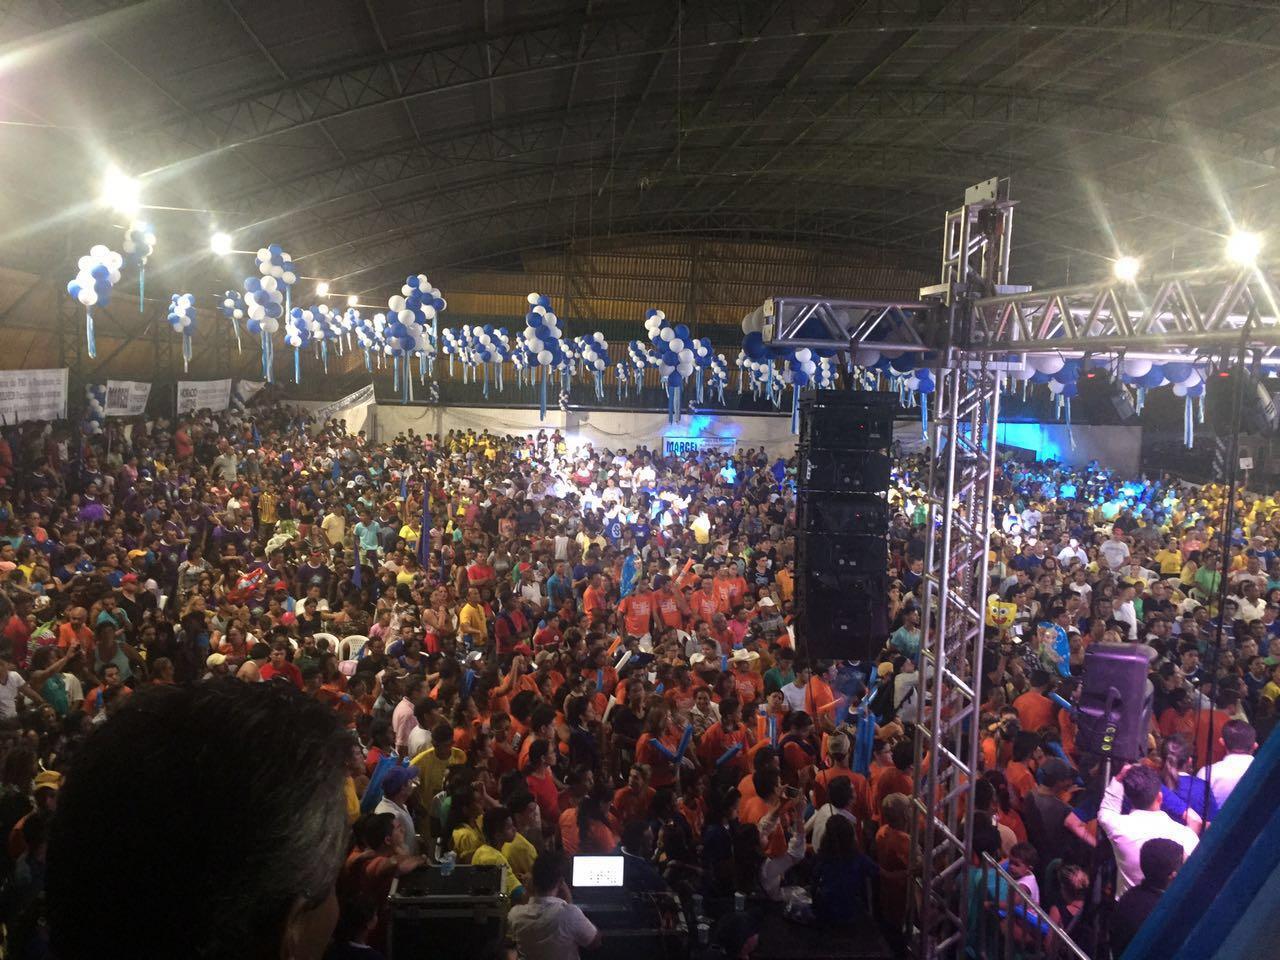 Pré-candidatura de Valmir Mariano à prefeitura de Parauapebas bate recorde de público